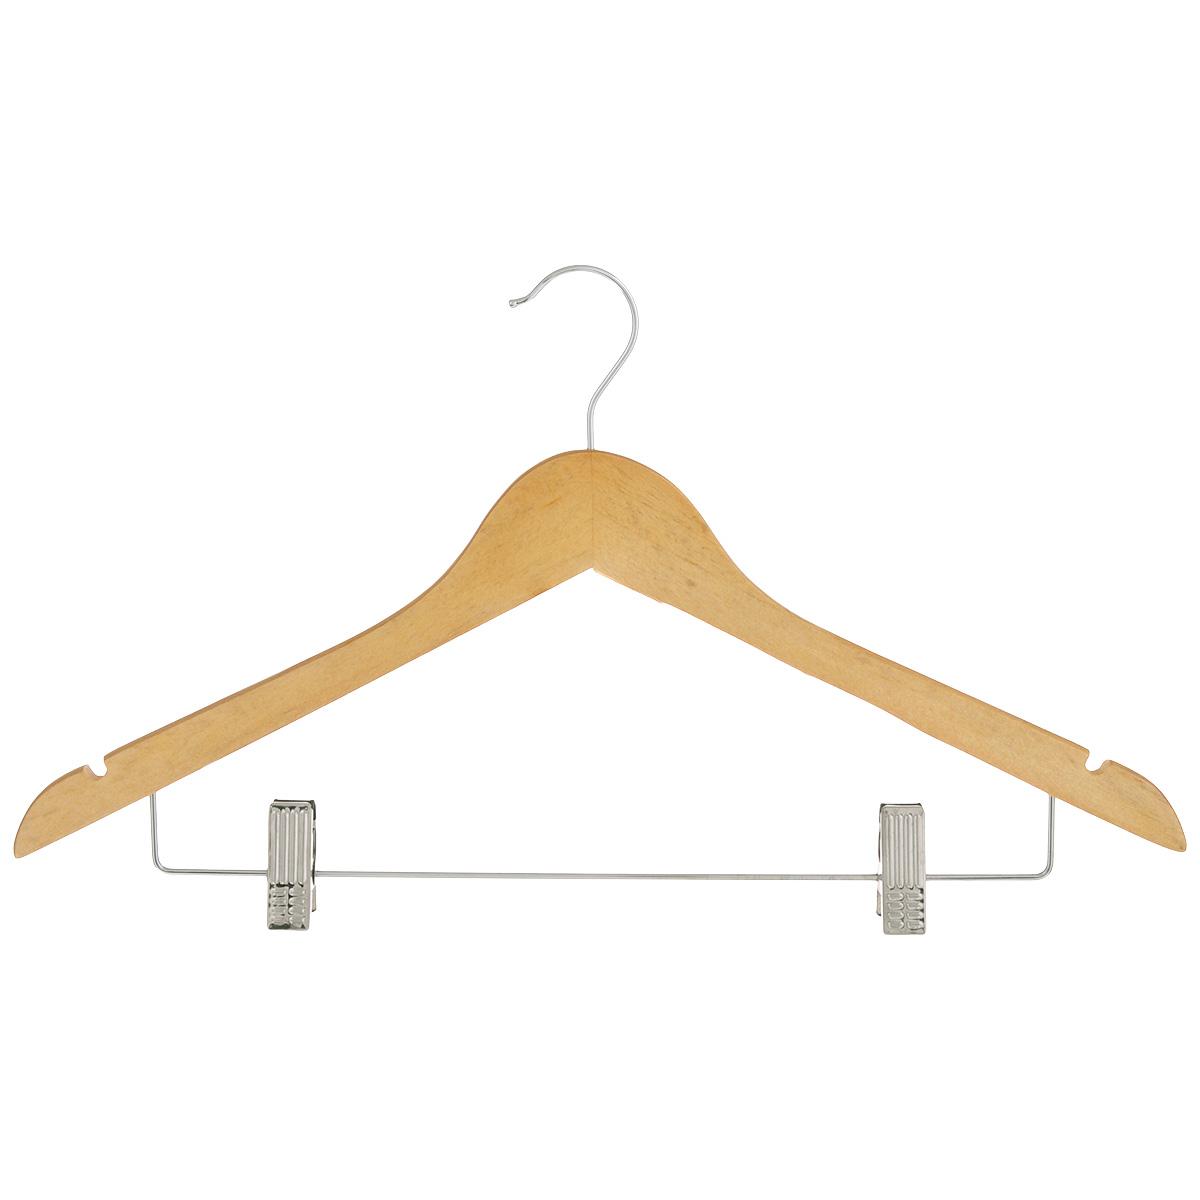 Вешалка Miolla, с клипсами для брюк, 44,5 см2511007Вешалка Miolla, изготовленная из дерева и металла, предназначена для аккуратного хранения одежды. Вешалка снабжена двумя выемками для юбок, металлической перекладиной и клипсами для брюк. Клипсы имеют специальные пластиковые накладки, чтобы не повредить ткань. Вешалка - это незаменимый аксессуар для того, чтобы ваша одежда всегда оставалась в хорошем состоянии.